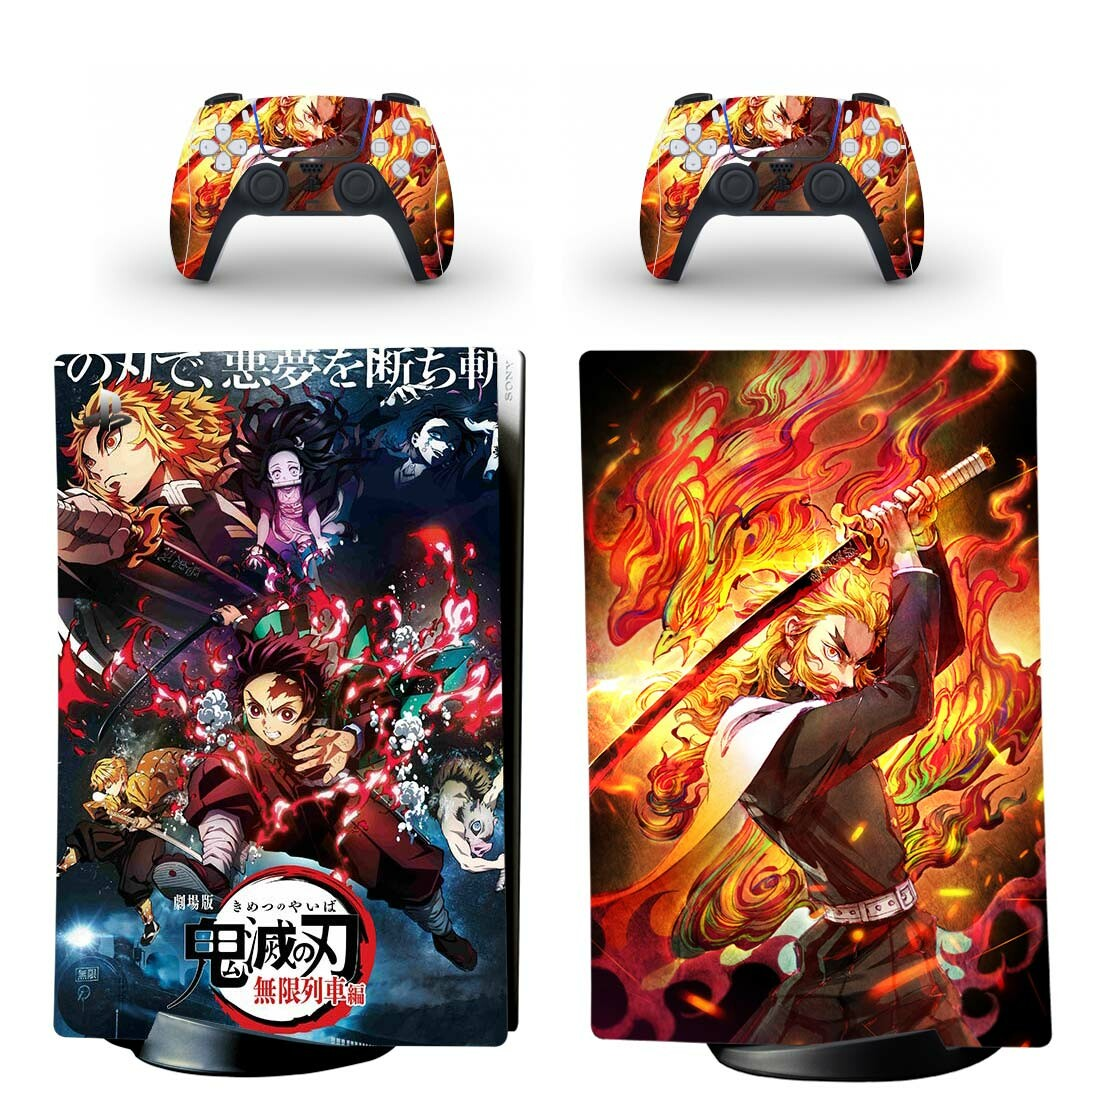 شيطان سلاير كيميتسو نو يابا PS5 ملصق الجلد الرقمي للبلاي ستيشن 5 وحدة التحكم و 2 وحدات التحكم لواصق الفينيل واقية